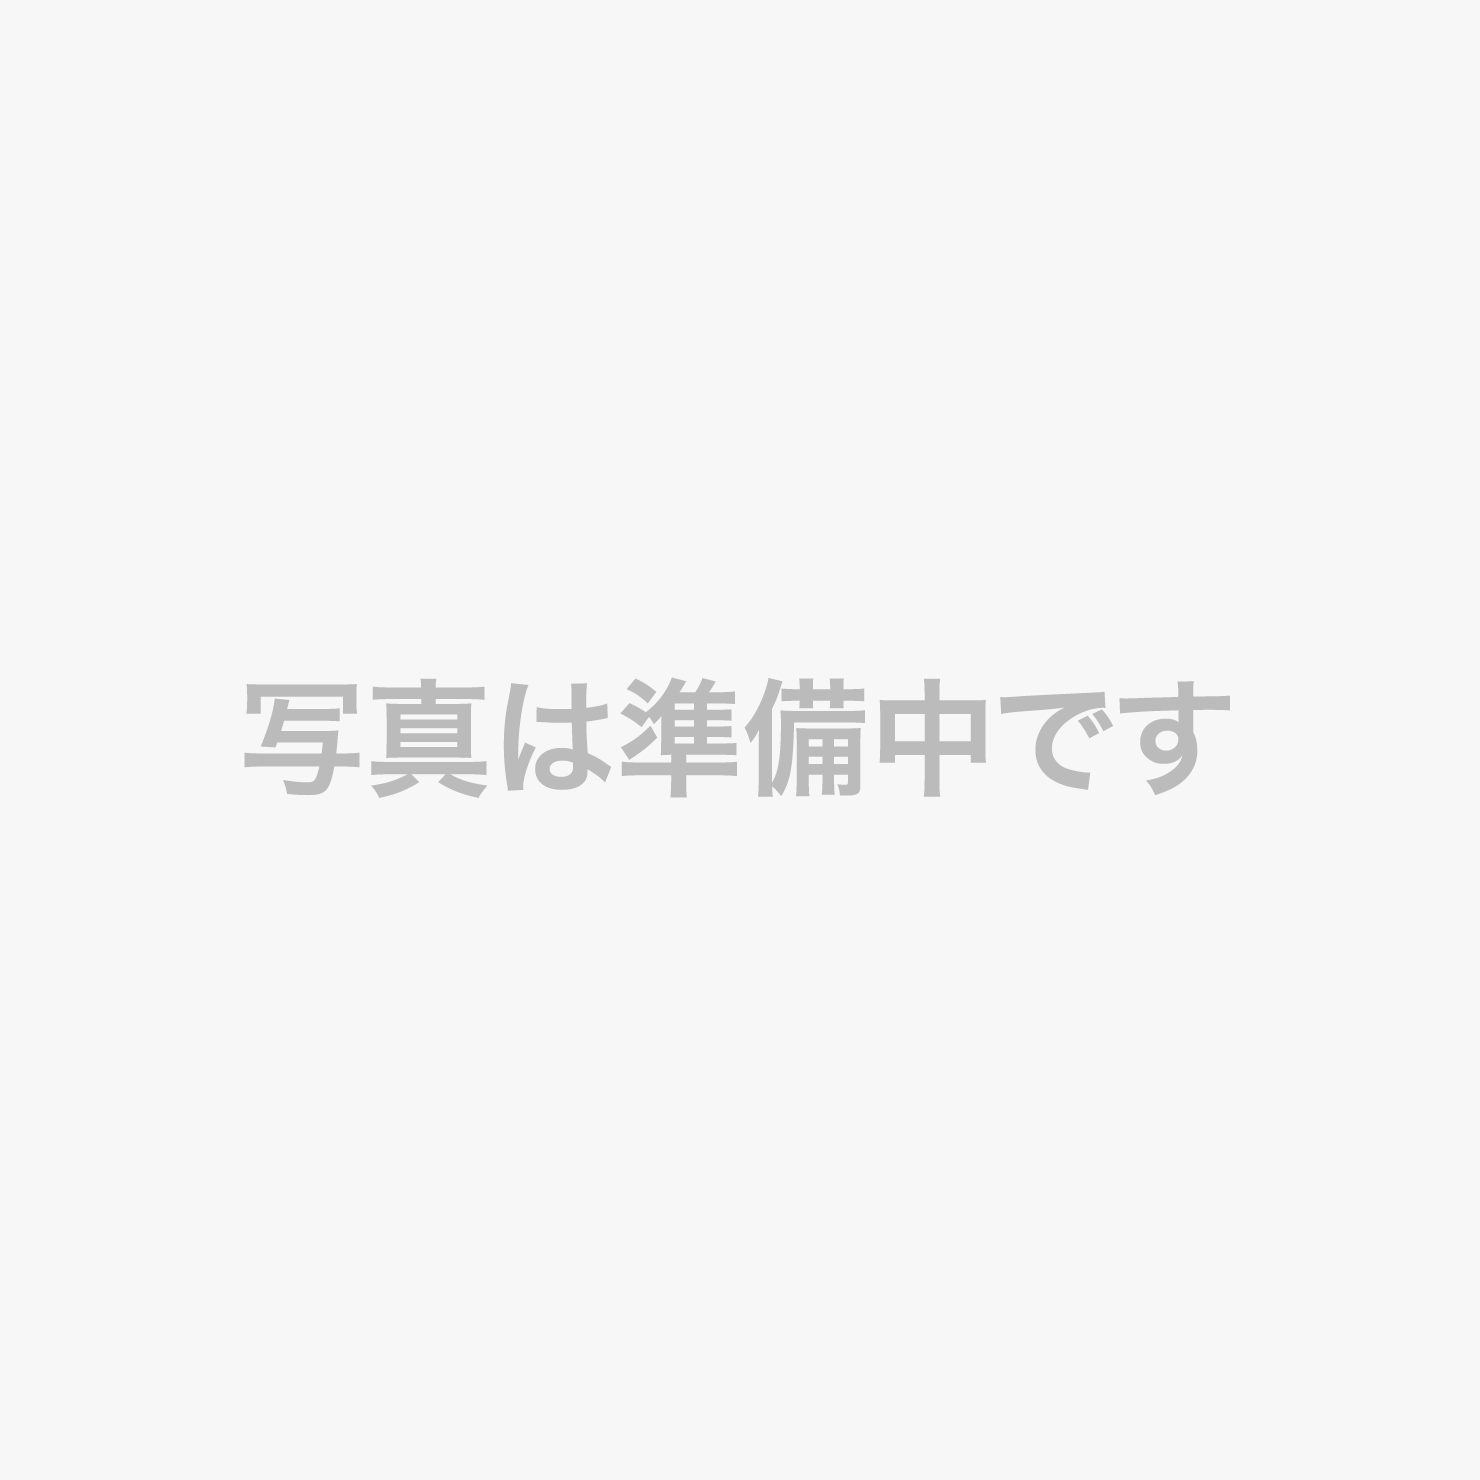 ズボンプレッサー(各階廊下)